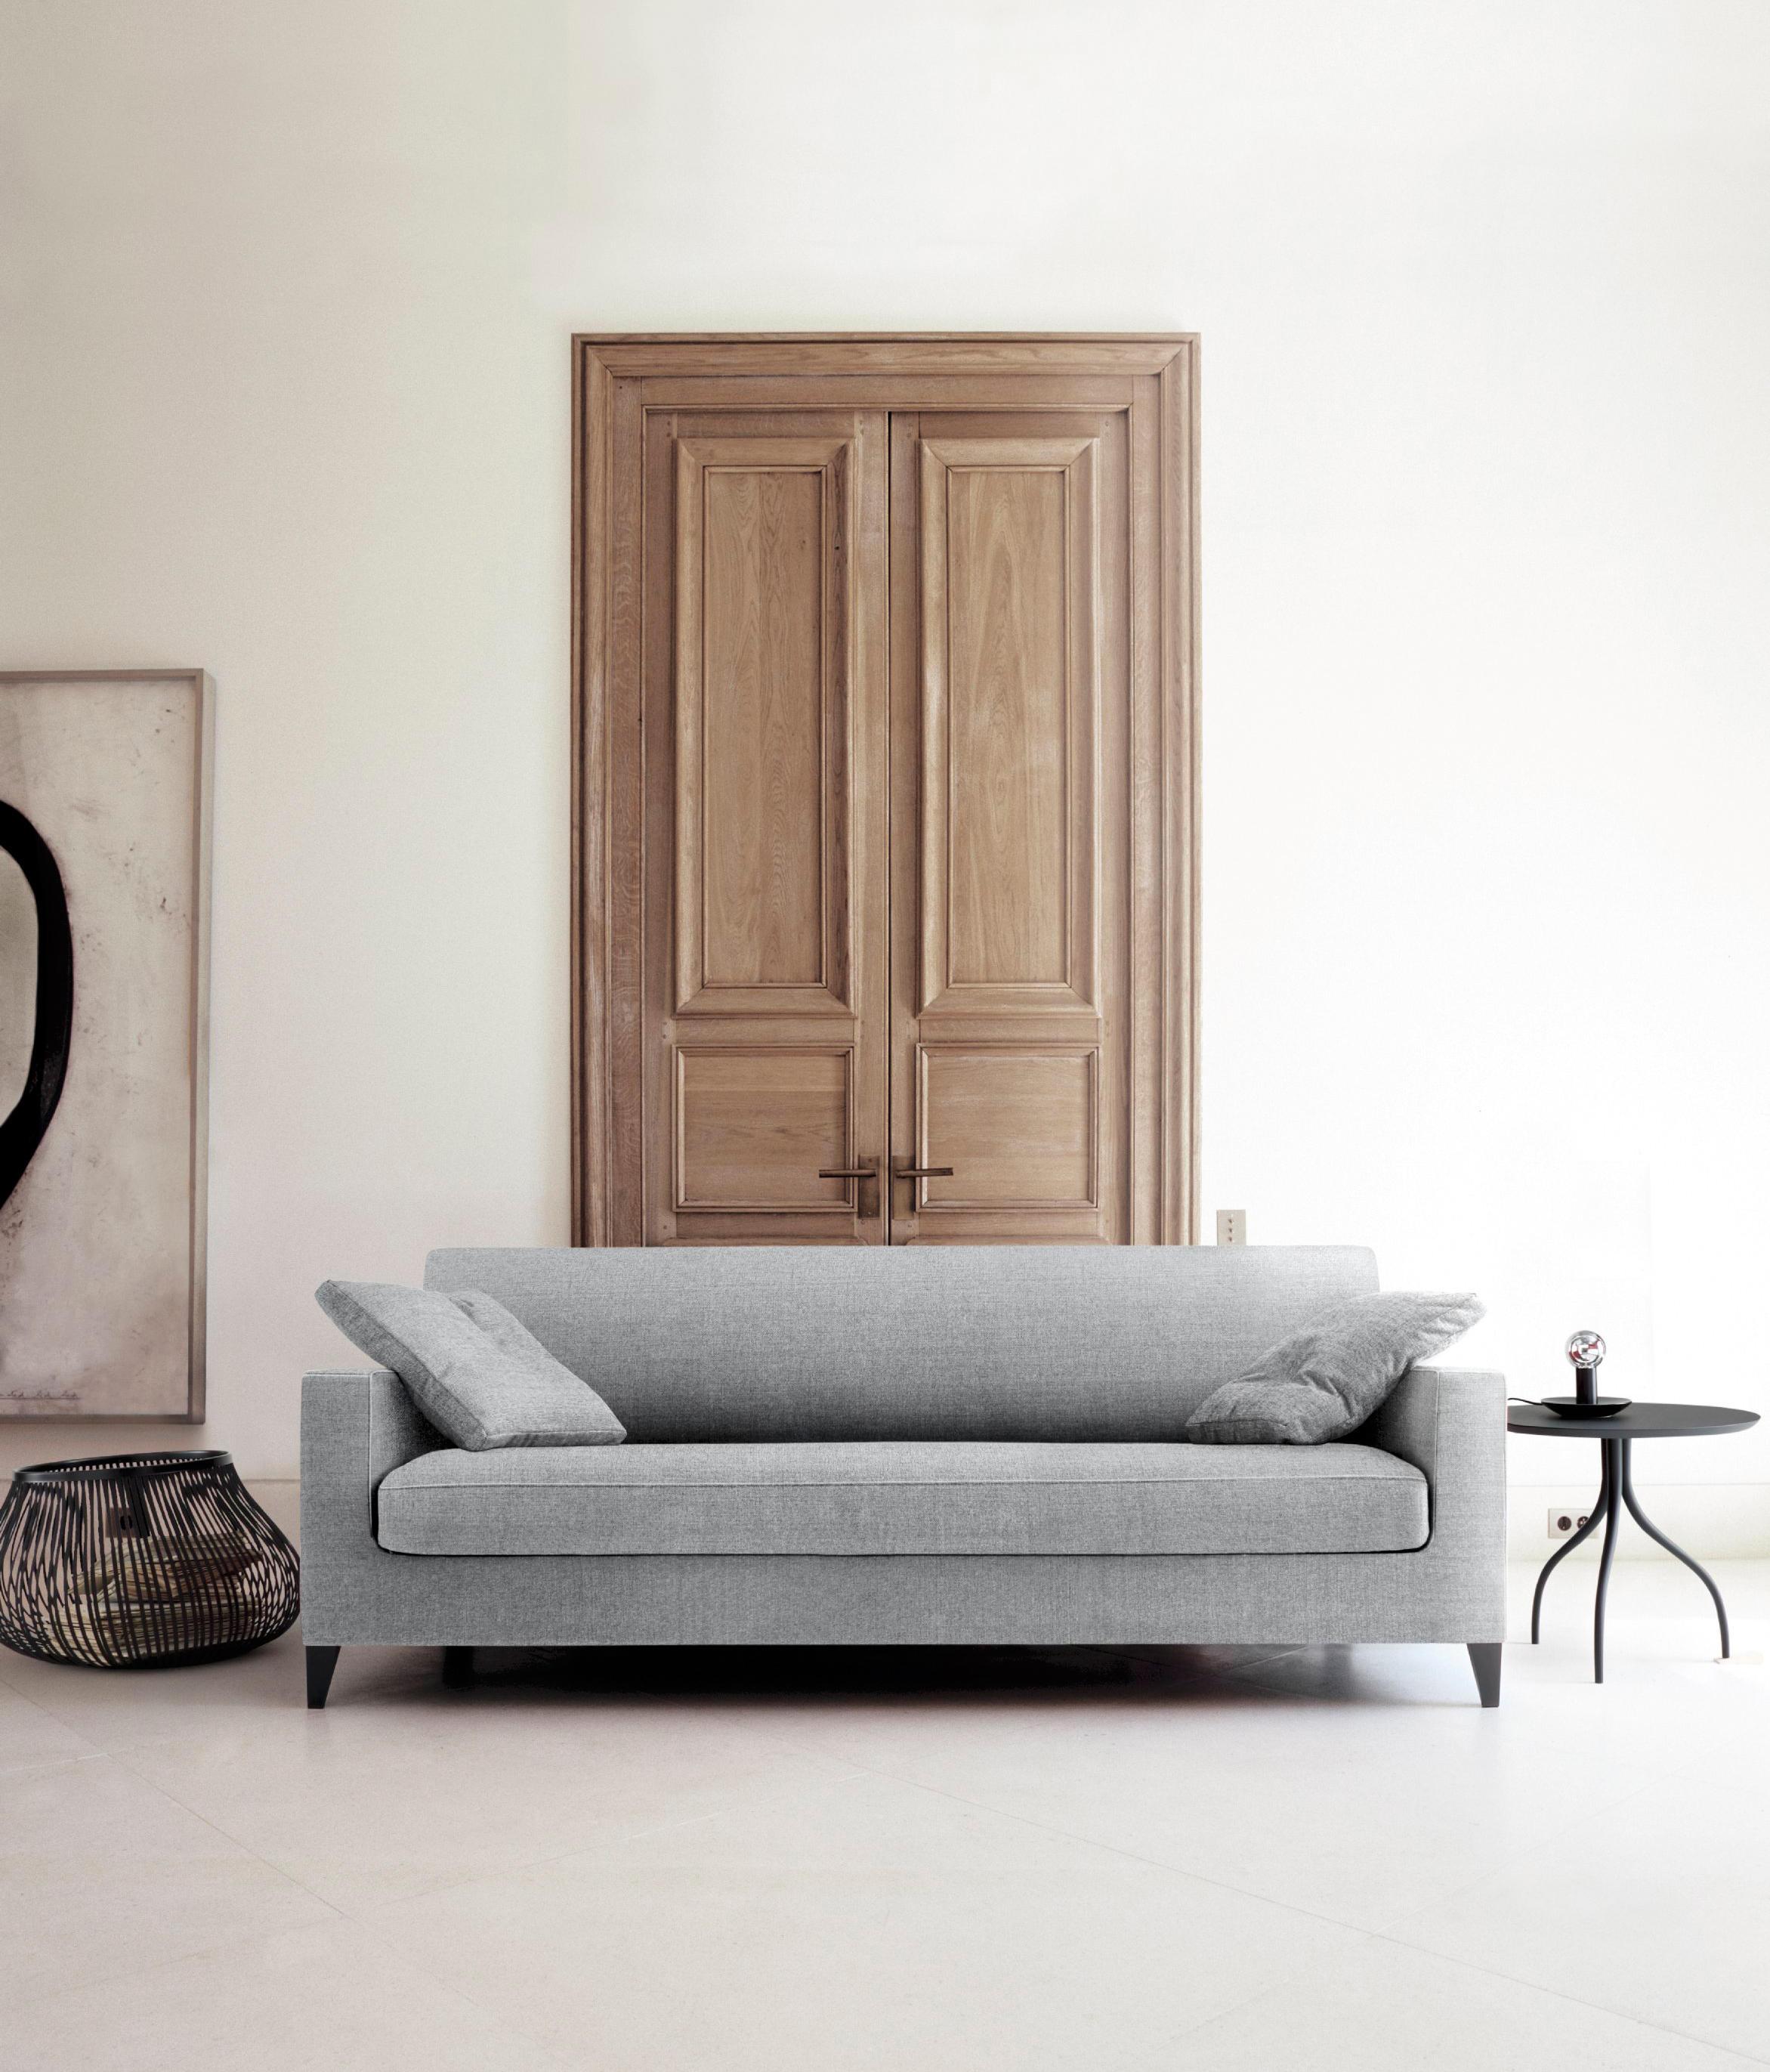 ligne roset couch ploum sofa set by ligne roset modern. Black Bedroom Furniture Sets. Home Design Ideas